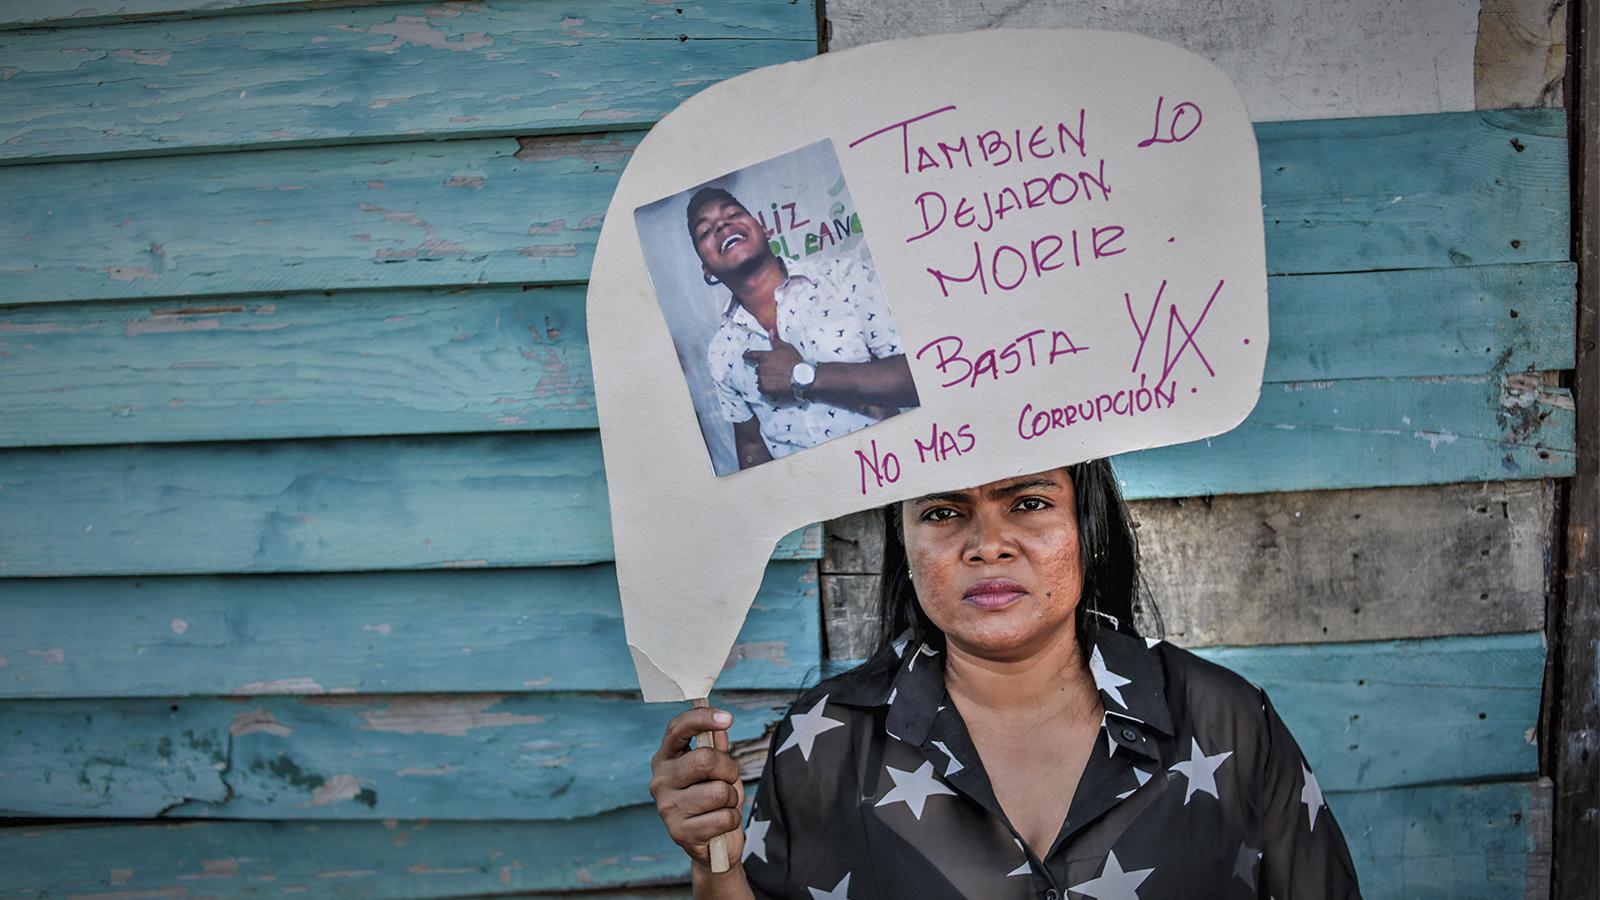 Ratas, basura y negligencia: la historia de una tragedia familiar en Cartagena